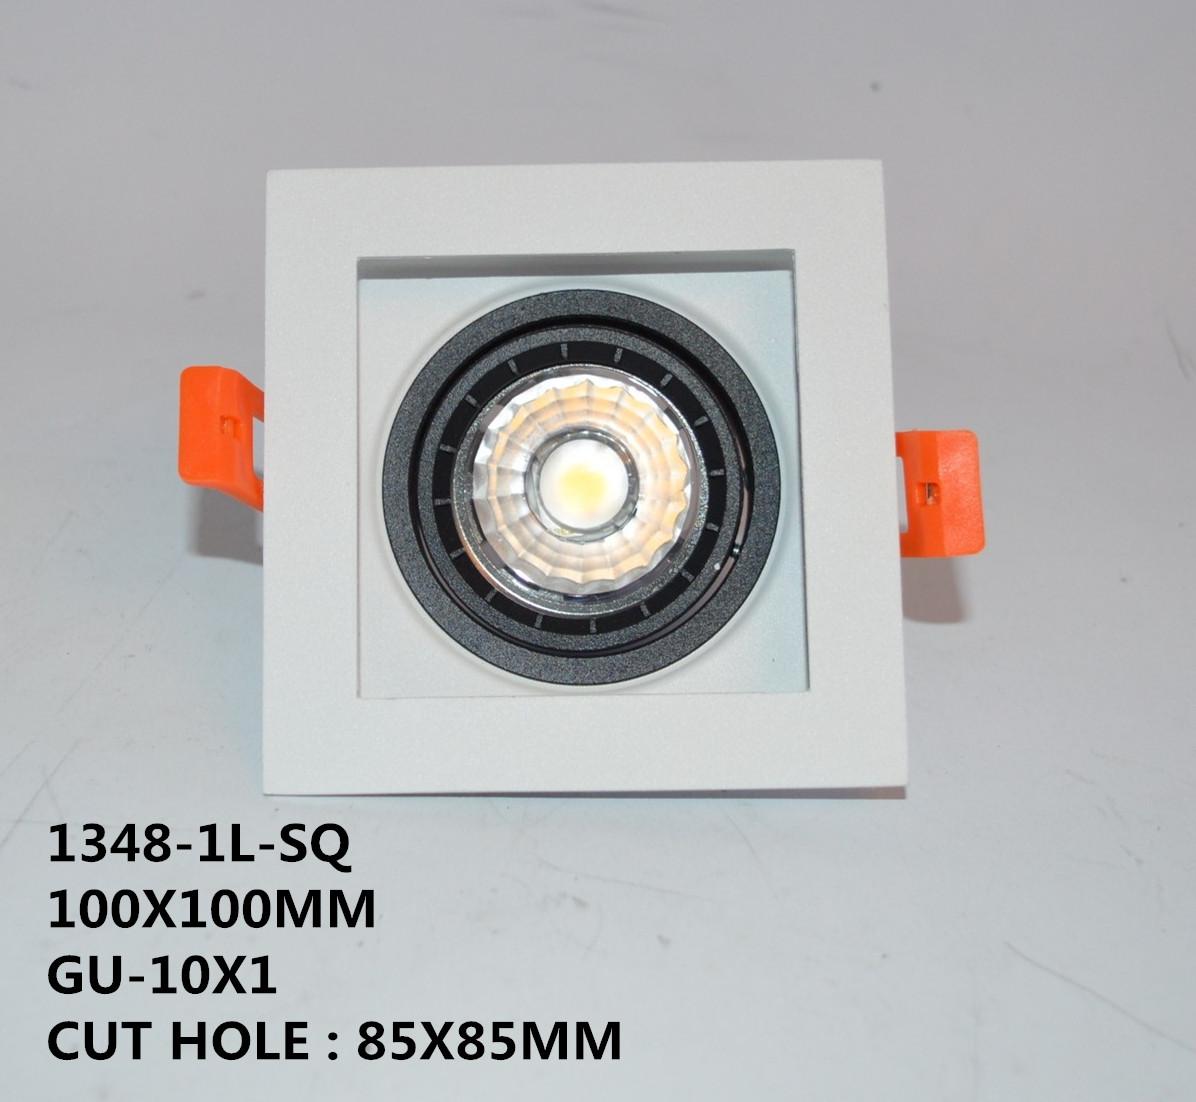 1348-1L-SQ